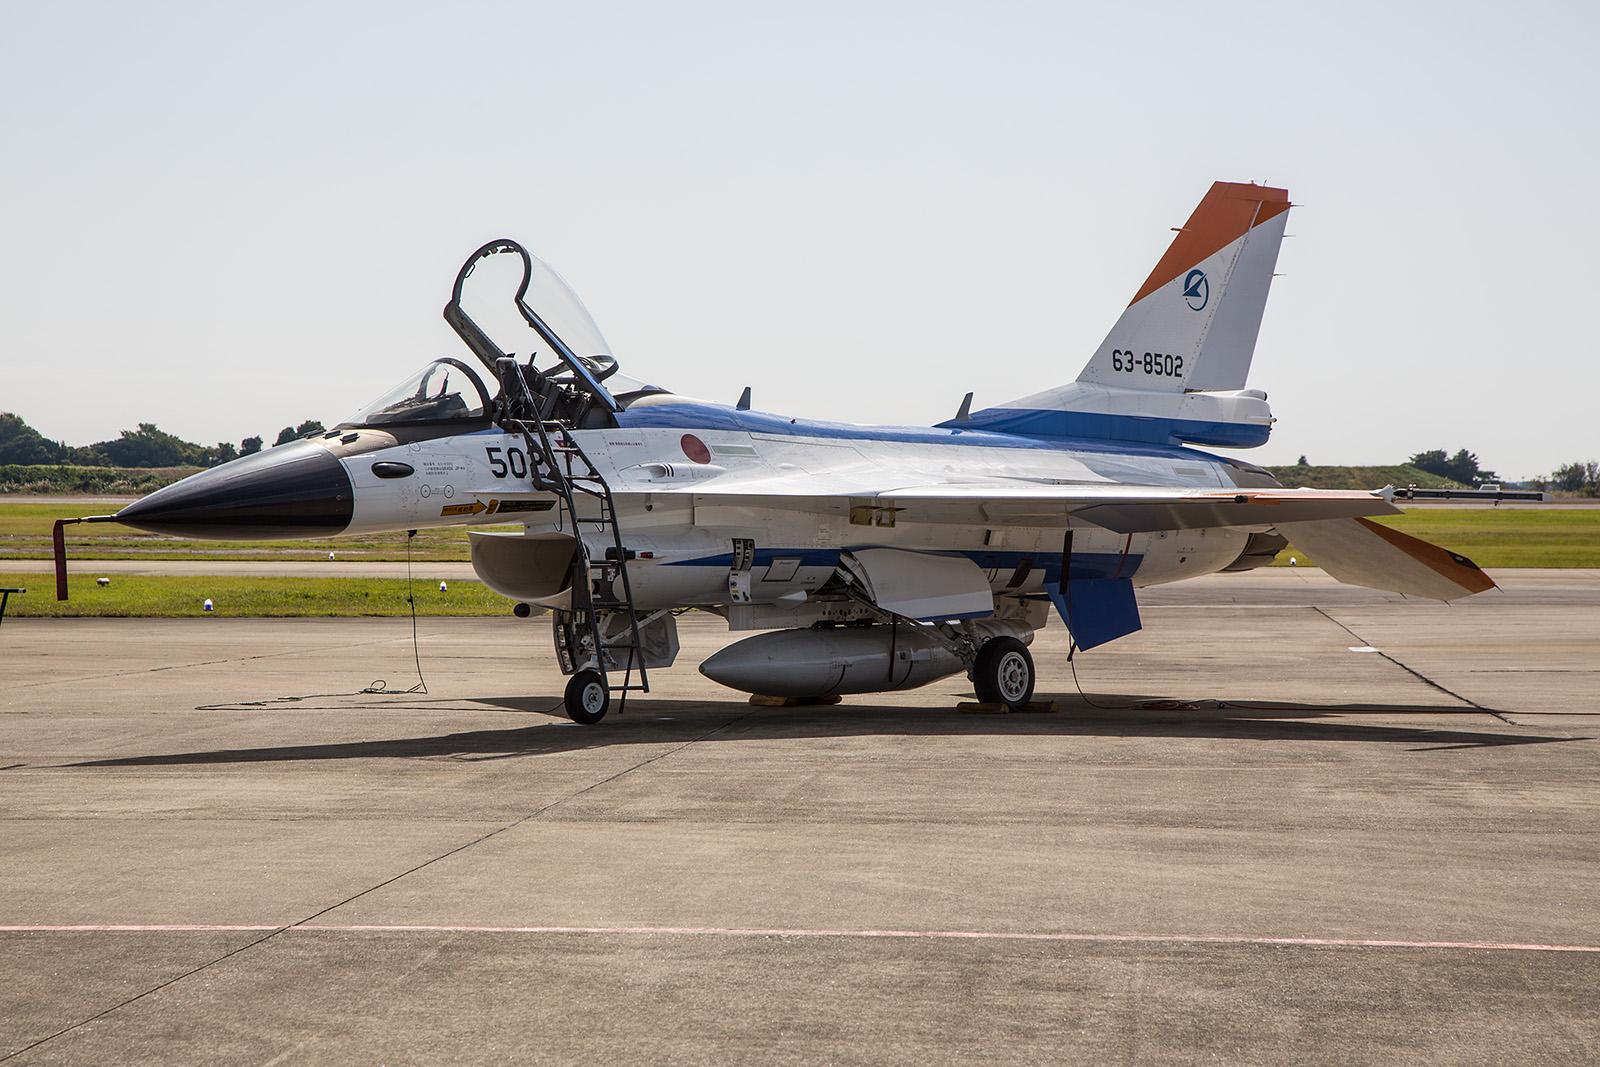 Der zweite Prototyp der F-2 war die 63-8502. Sie war auch der erste gebaute Einsitzer.